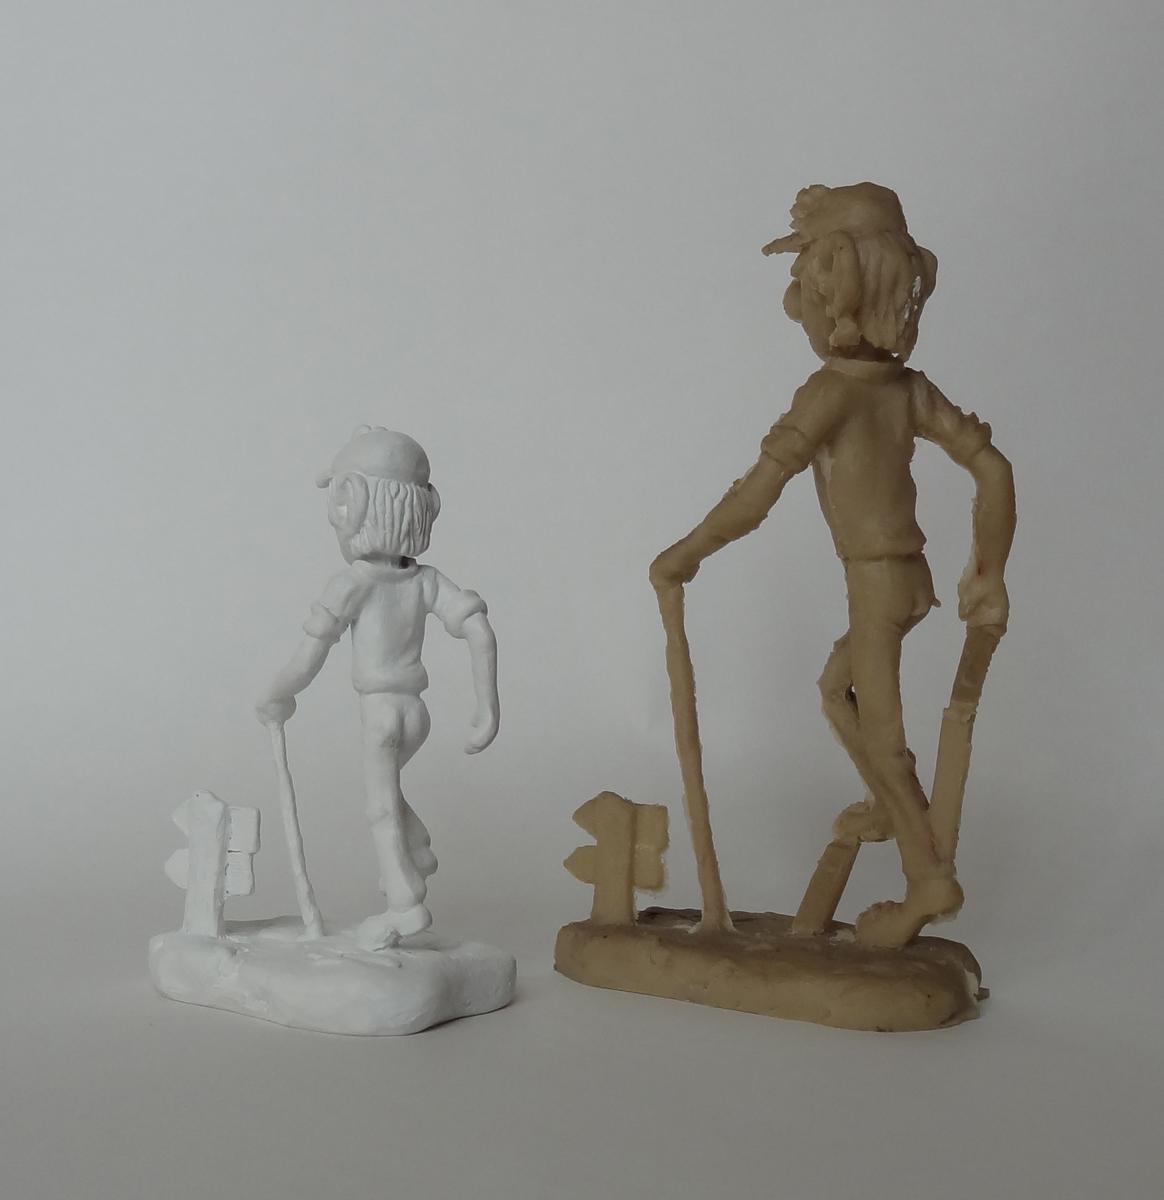 ulftse vierdaagseloper 3D schaalmodel beeldje